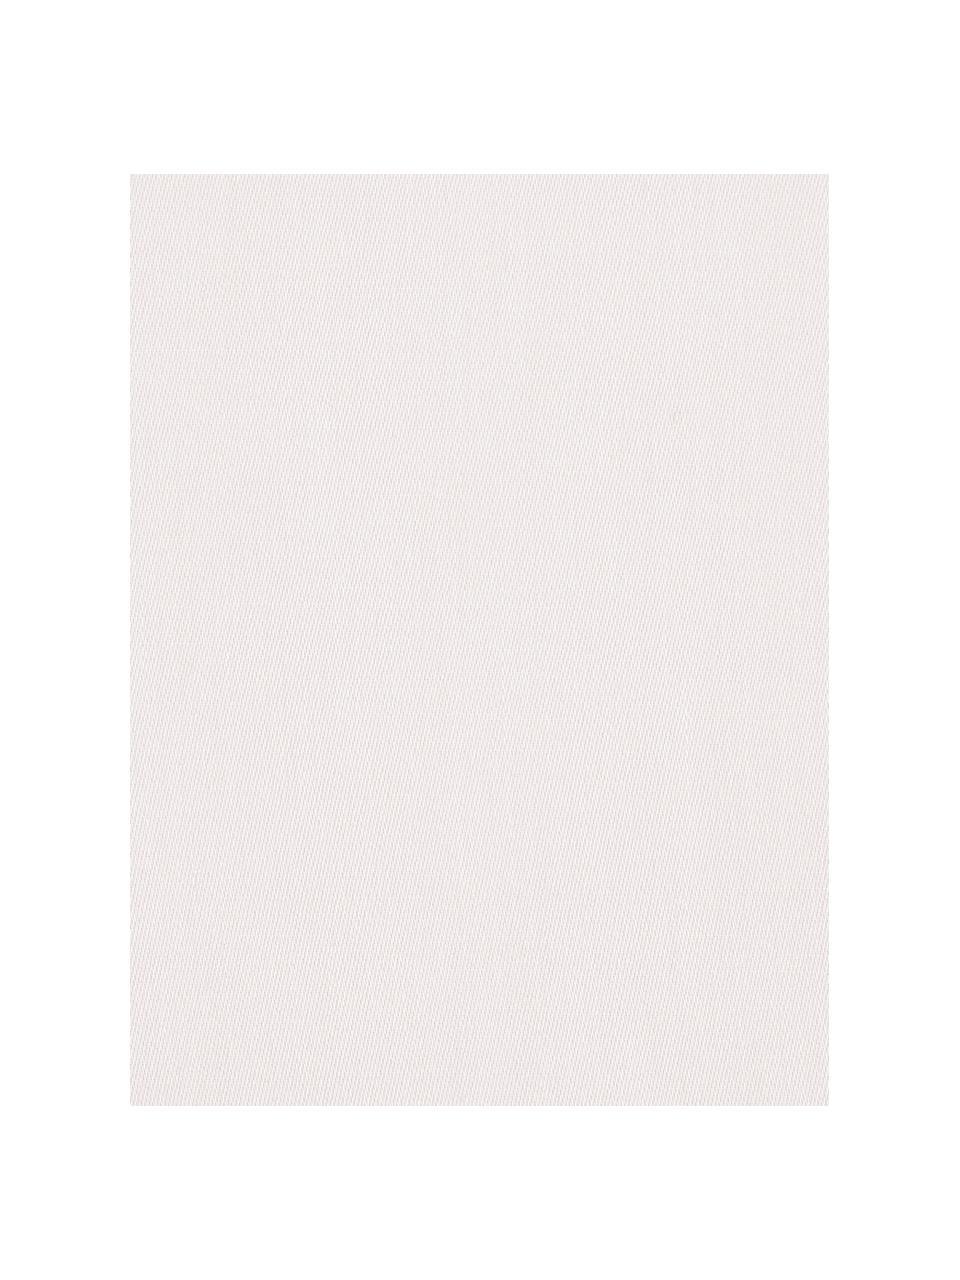 Katoensatijnen dekbedovertrek Comfort, Weeftechniek: satijn, licht glanzend, Roze, 240 x 220 cm